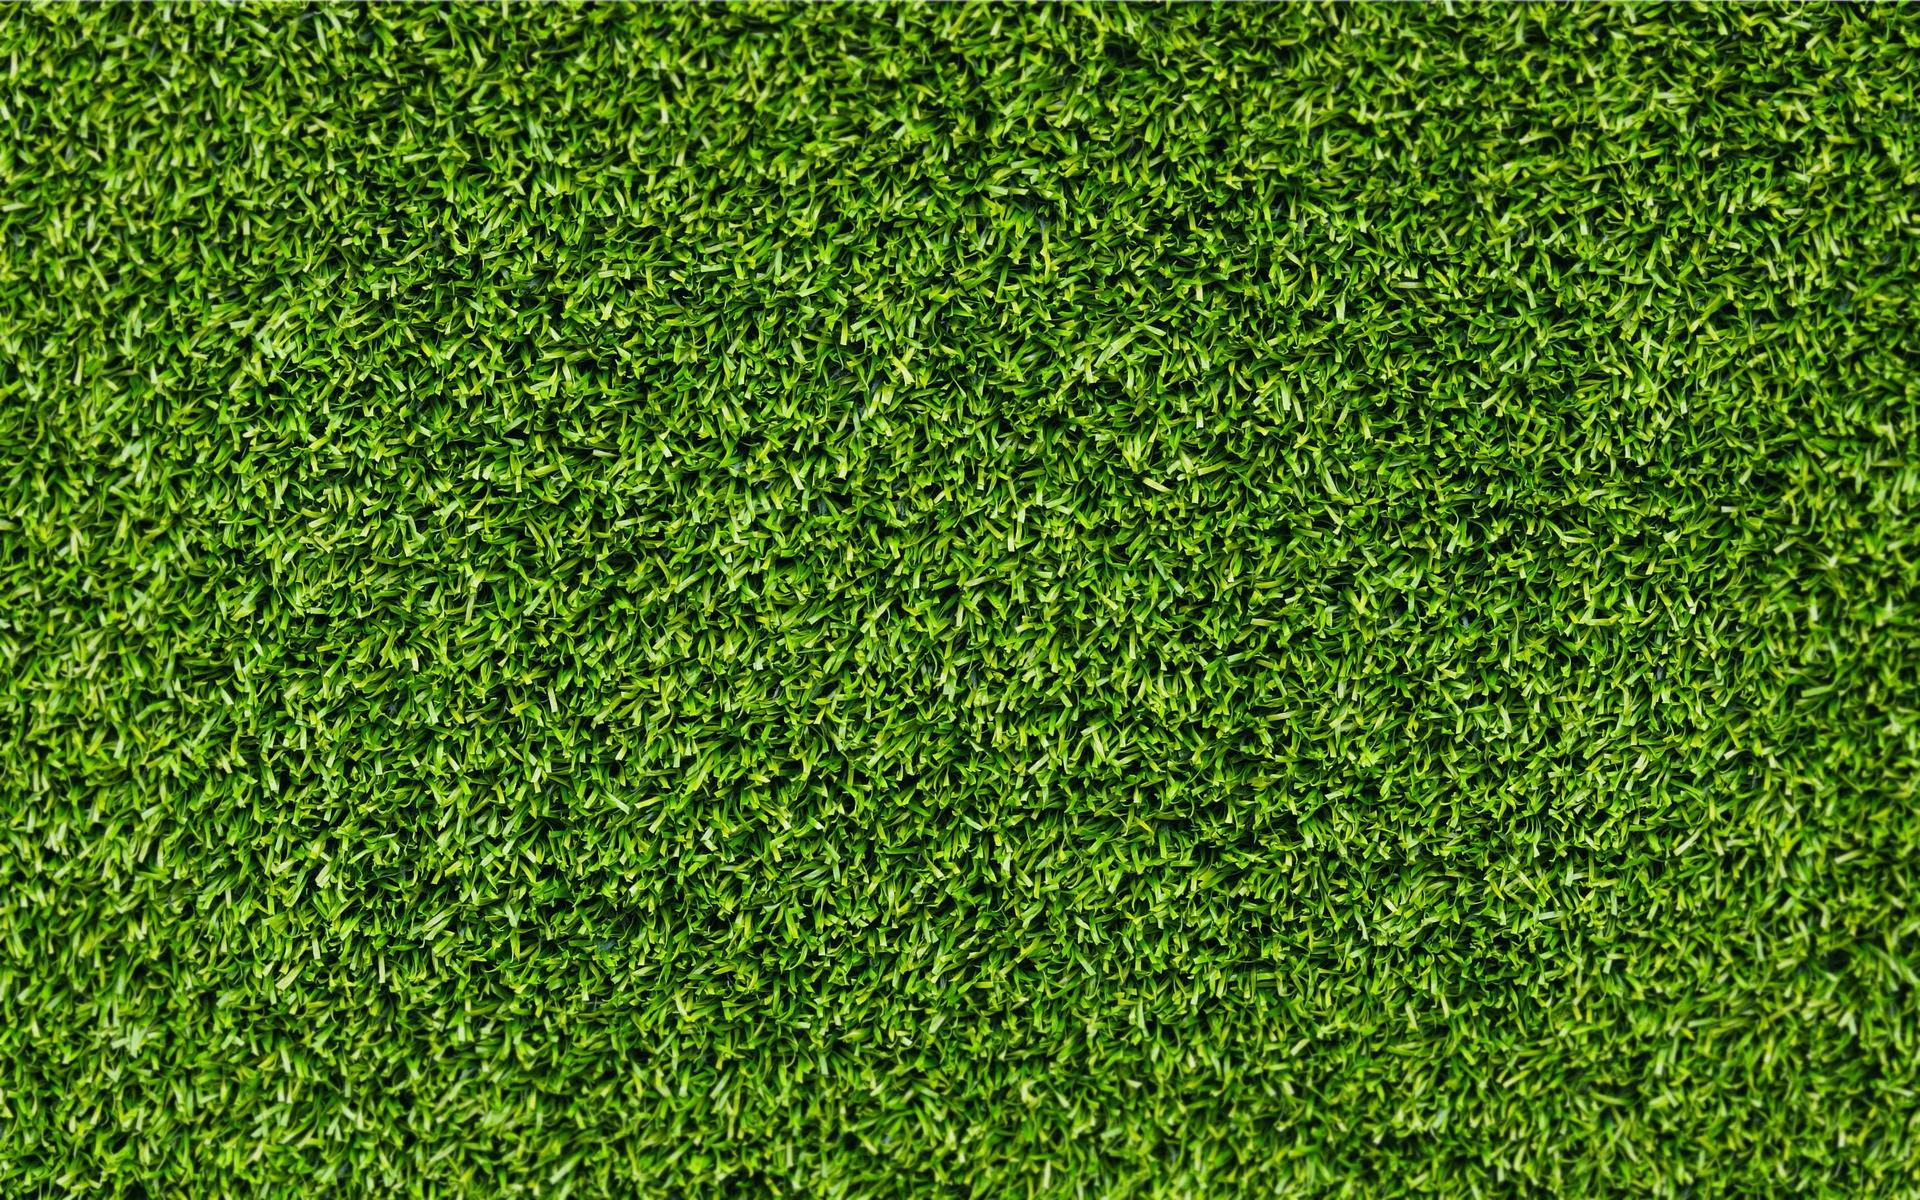 fond d 39 cran herbe champ mousse vert texture feuille prairie plante pelouse sol. Black Bedroom Furniture Sets. Home Design Ideas